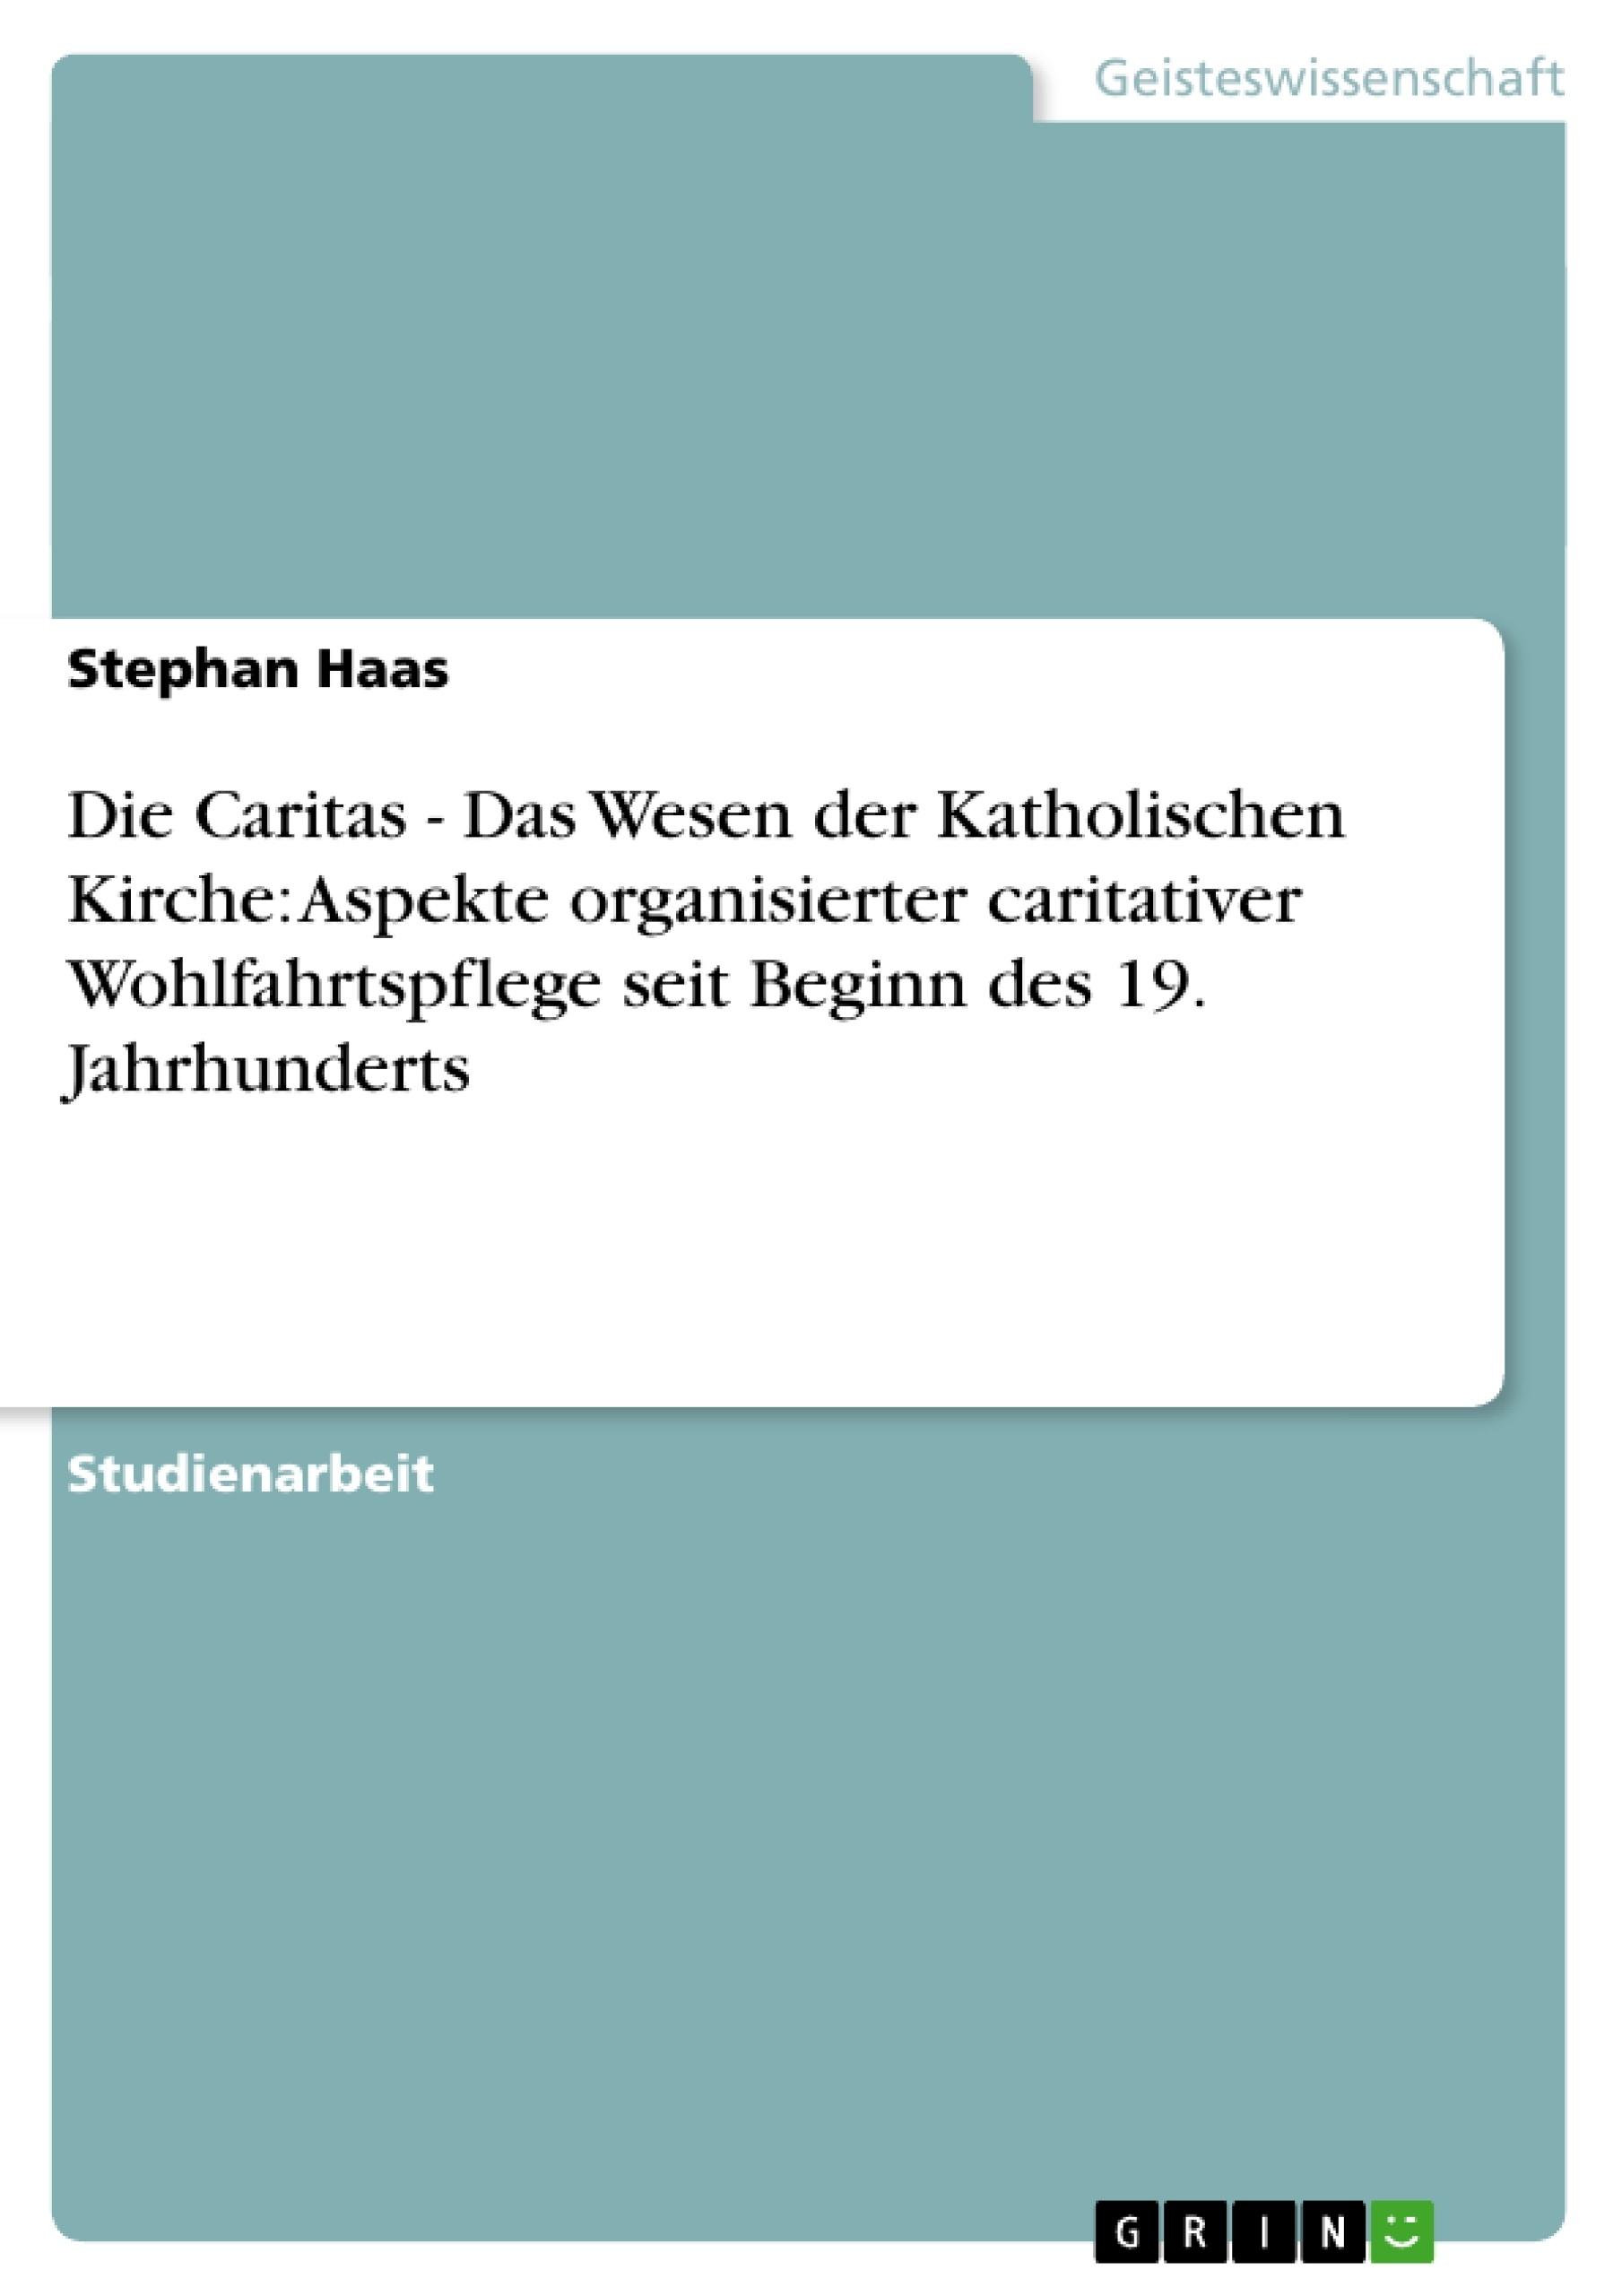 Titel: Die Caritas - Das Wesen der Katholischen Kirche: Aspekte organisierter caritativer Wohlfahrtspflege seit Beginn des 19. Jahrhunderts